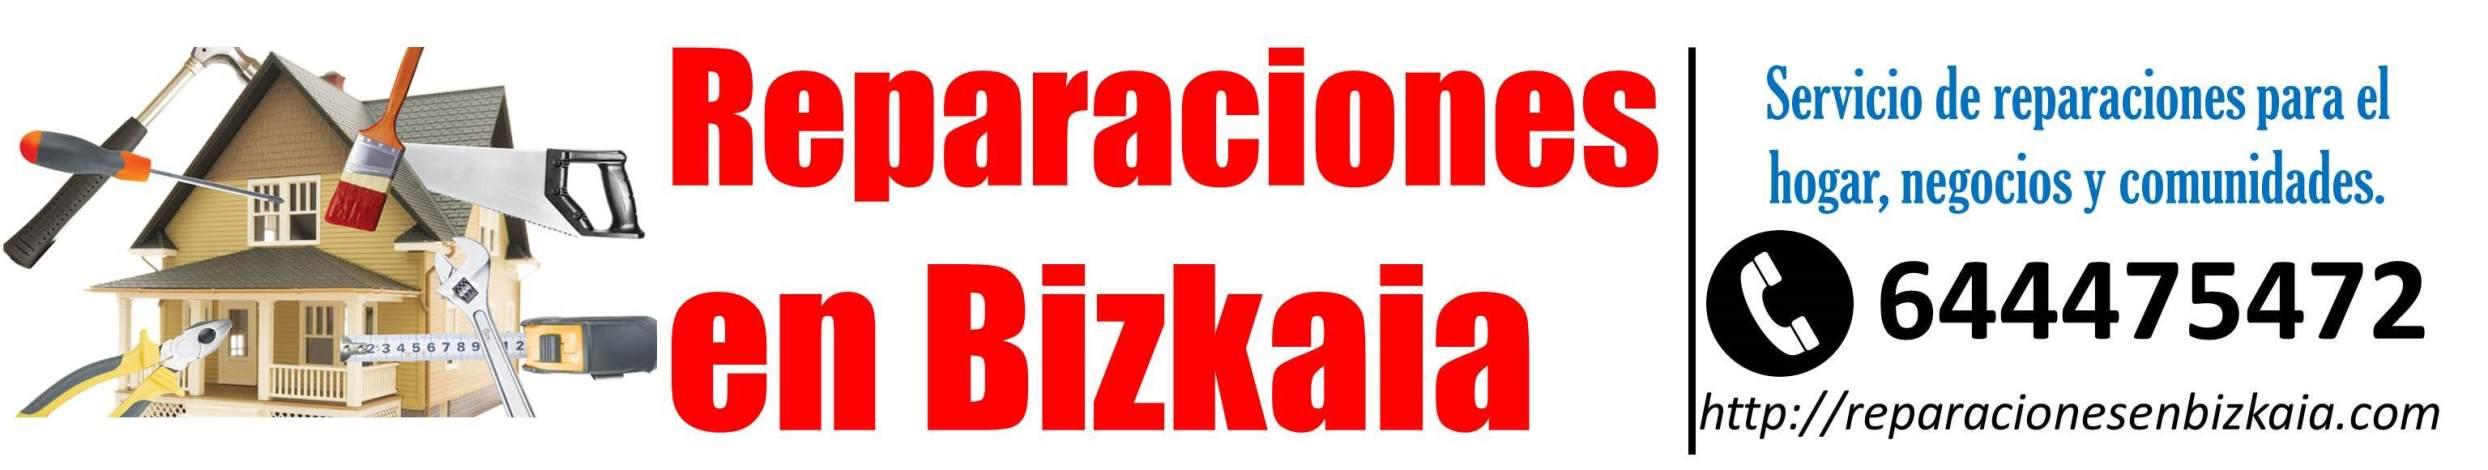 Reparaciones en Bizkaia